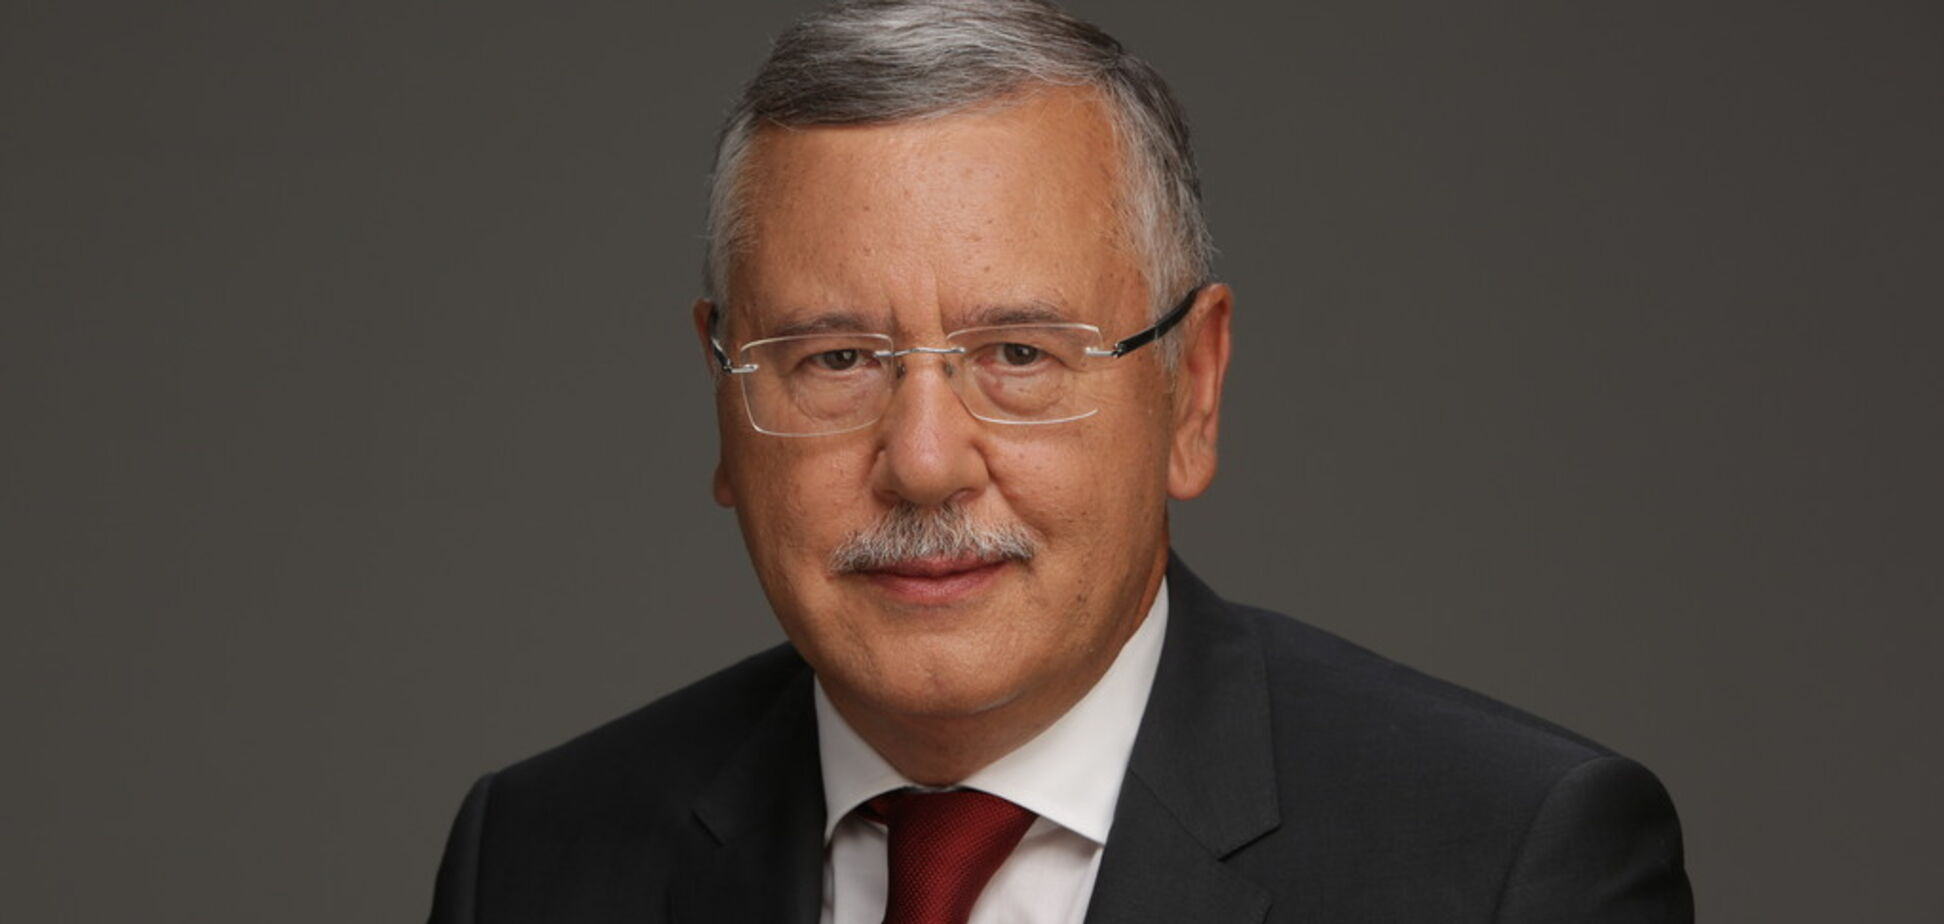 Гриценко рассказал, какой коррупционный 'налог' можно обнулить в Украине